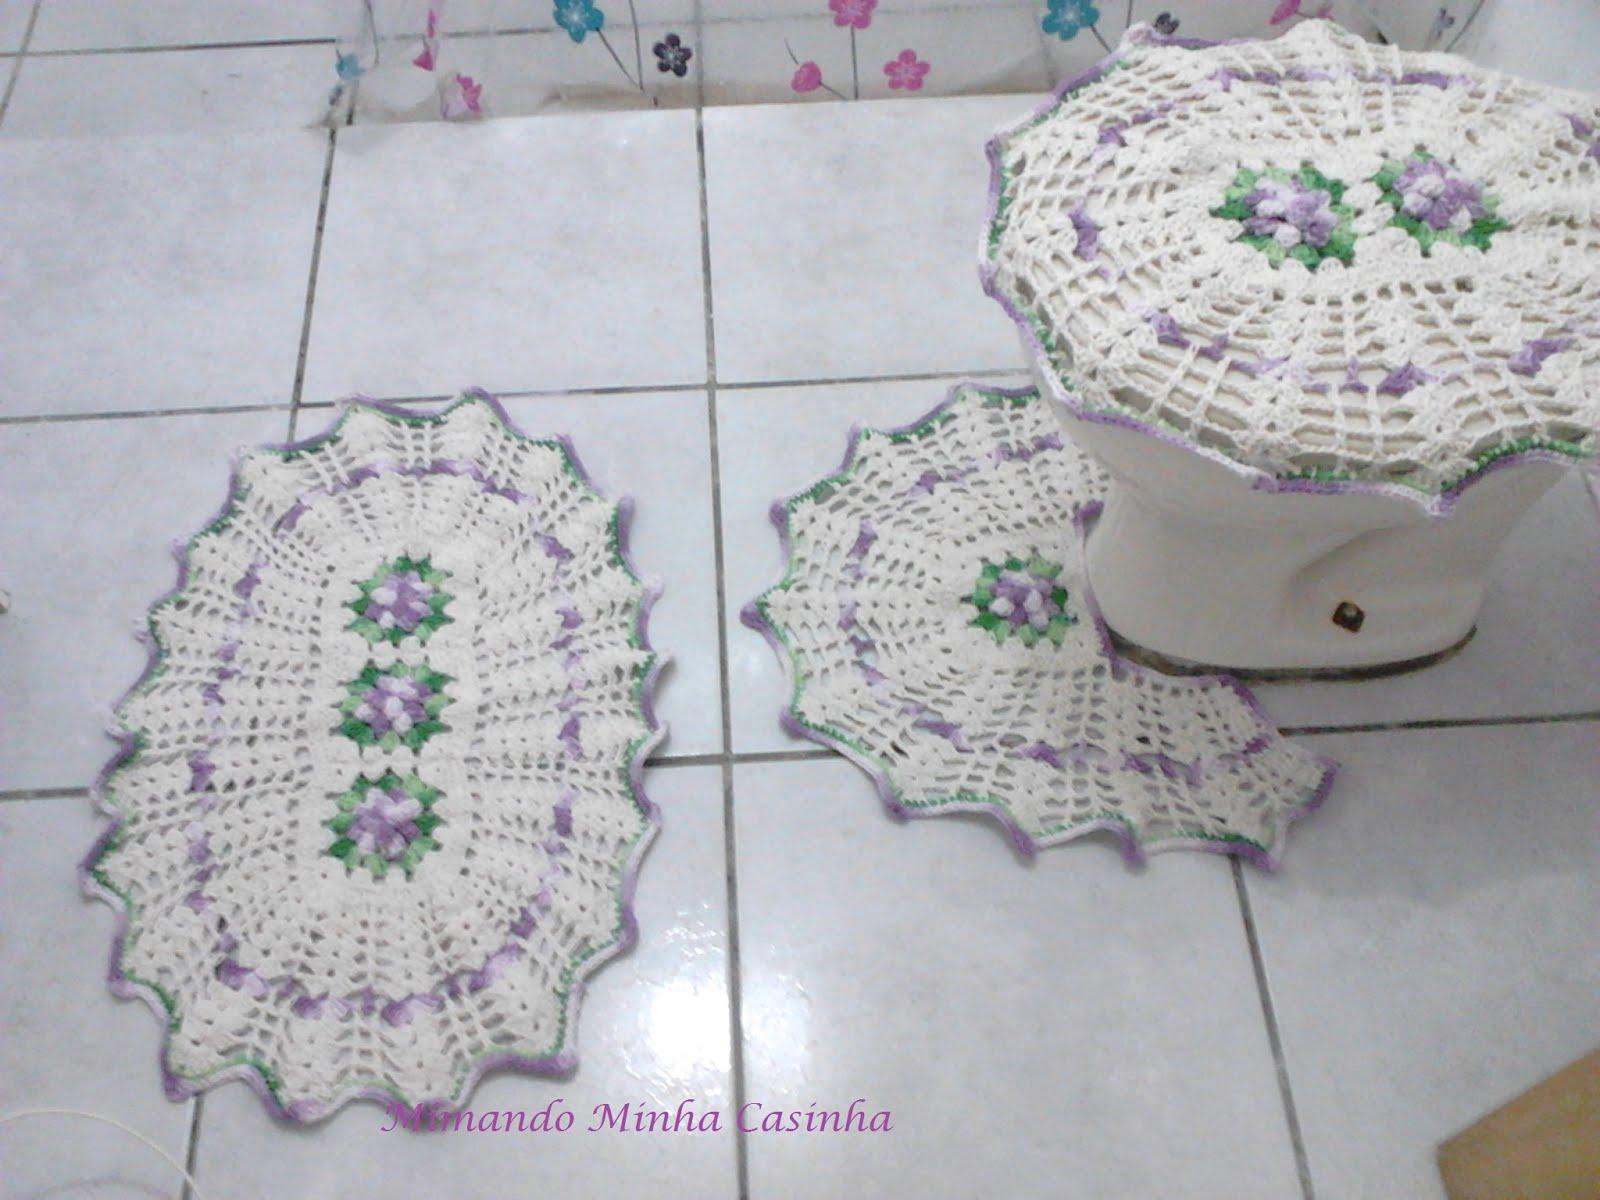 Home Artesanato Crochê Tapete Em Forma De Leque Pictures to pin on #48756B 1600x1200 Banheiro Branco E Laranja